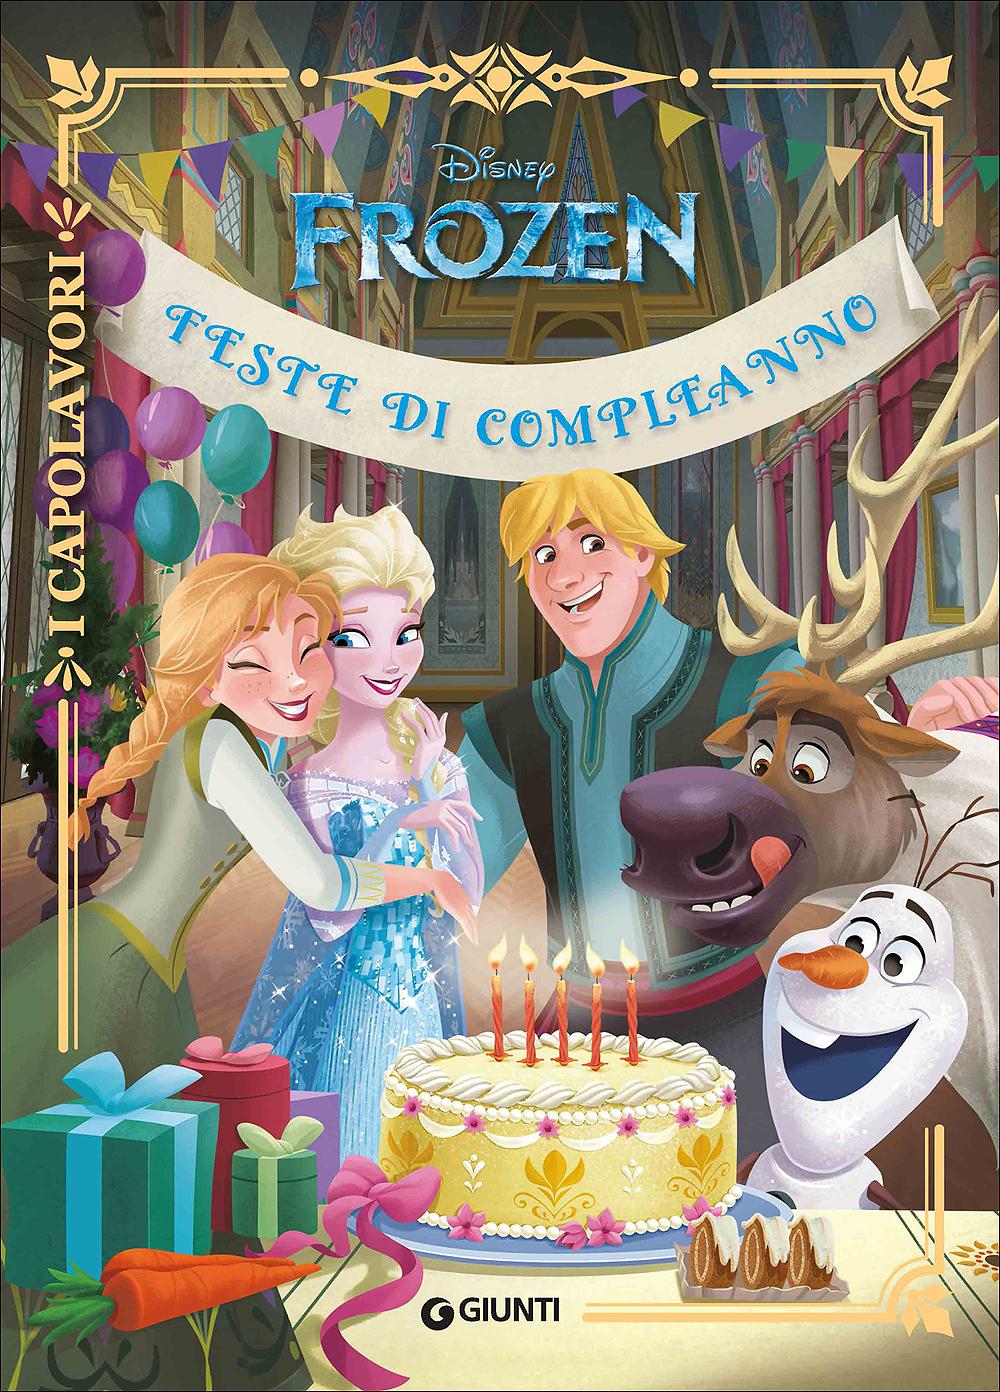 Frozen. Feste di compleanno - I Capolavori